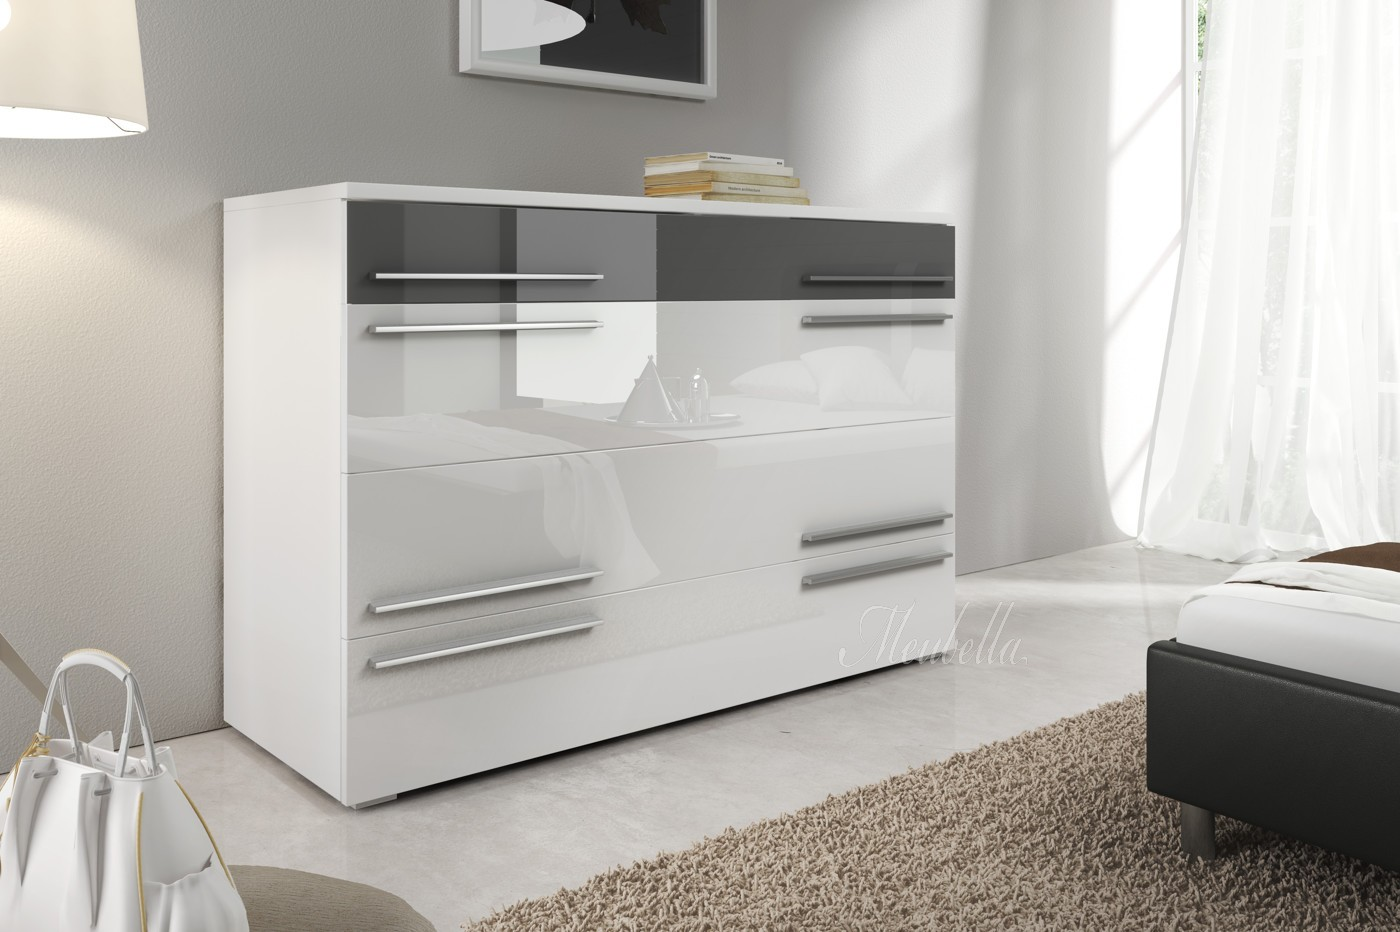 Wit Dressoir Slaapkamer: Dressoir eindhoven wit met deuren en laden ...